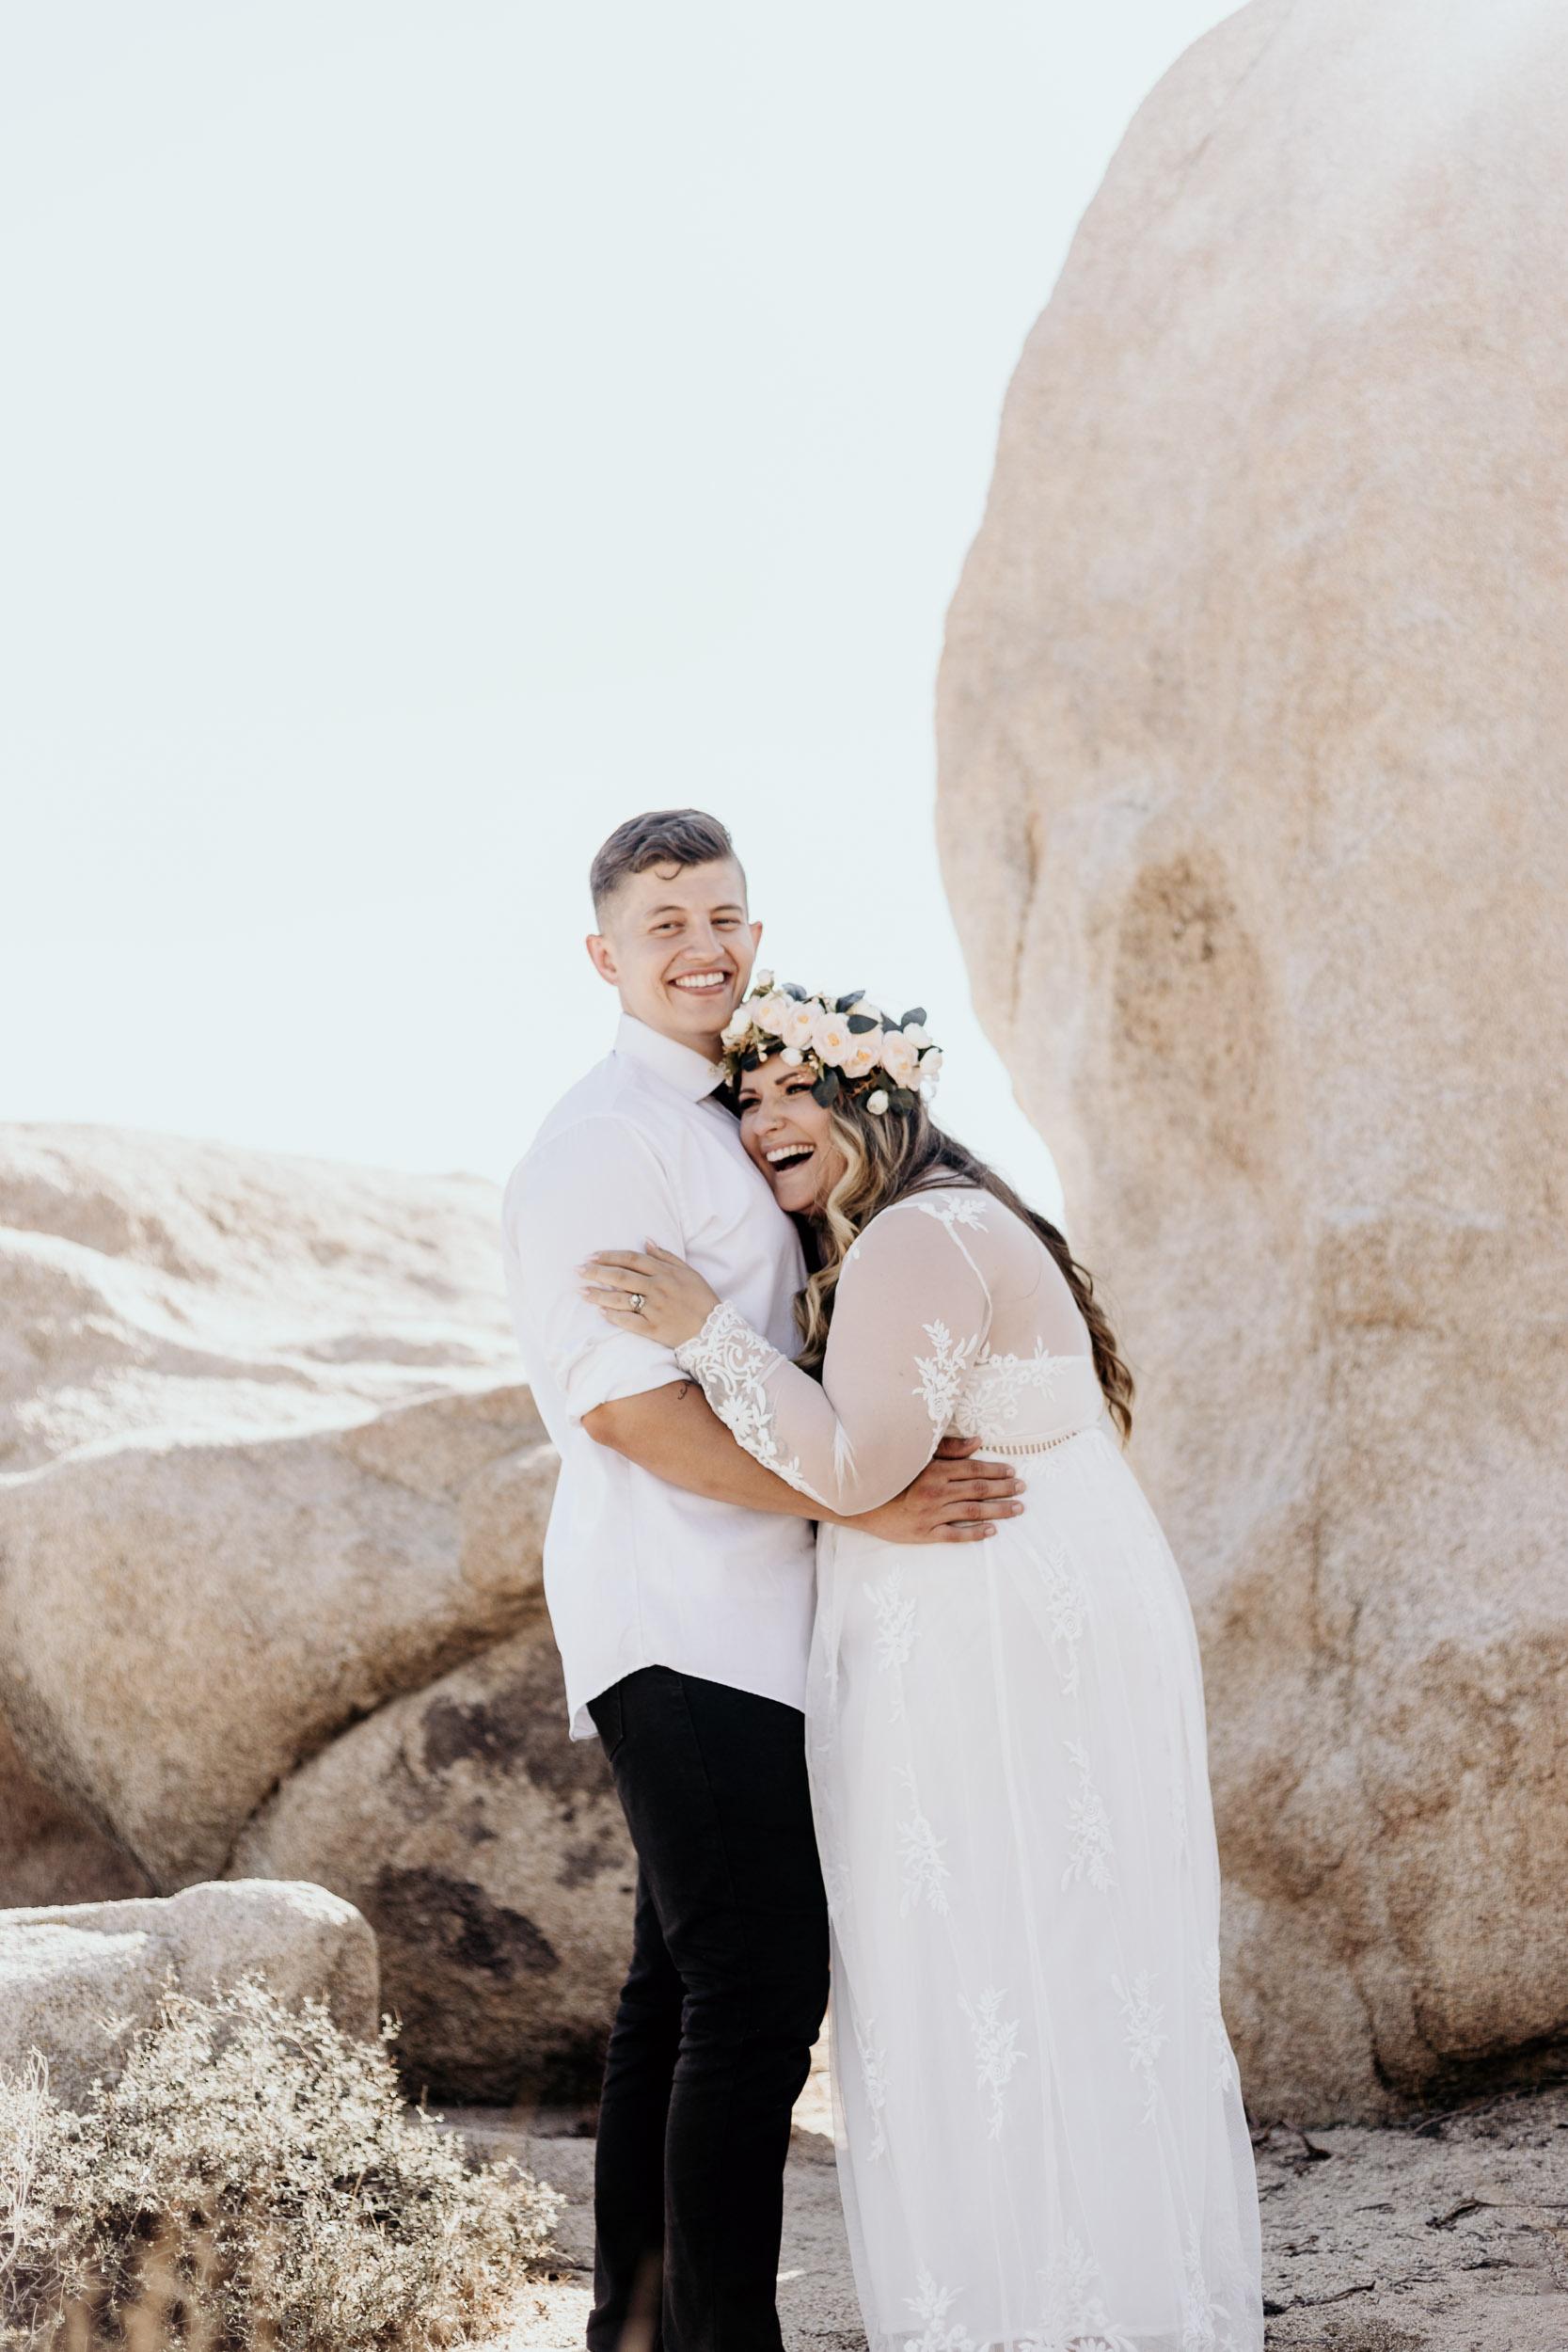 intimate-wedding-elopement-photographer-ottawa-joshua-tree-0649.jpg